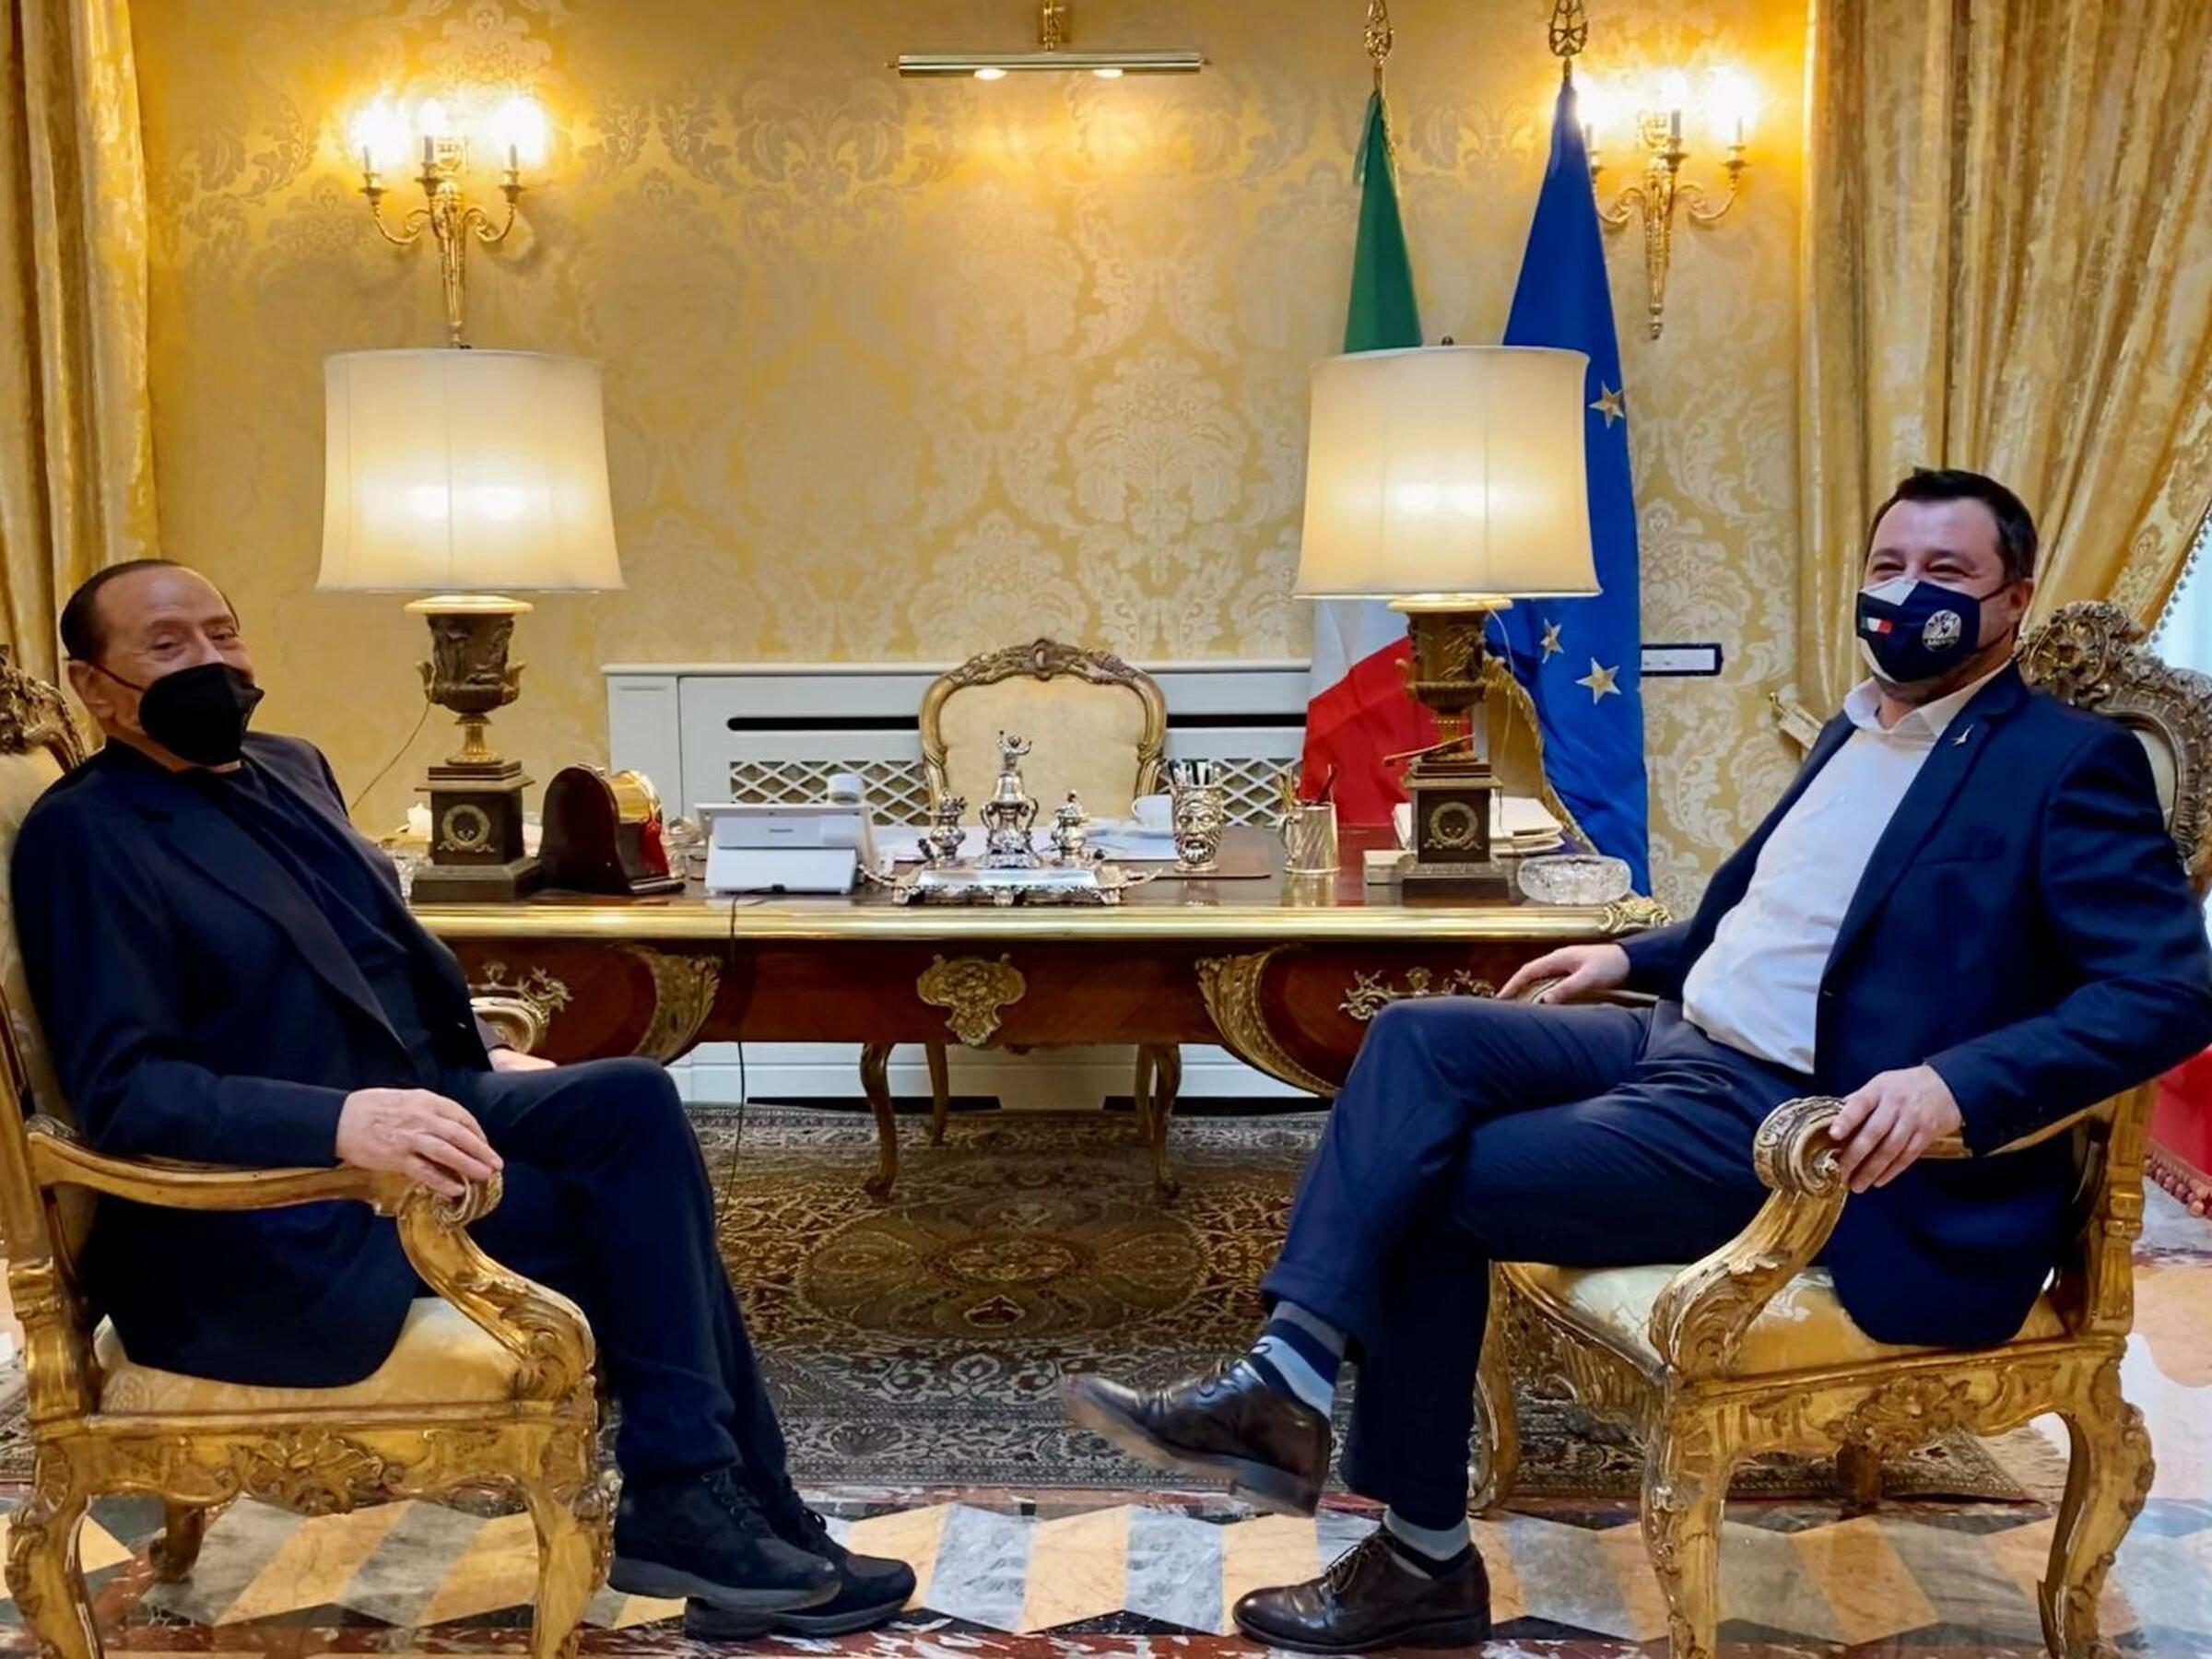 Incontro tra Matteo Salvini e Silvio Berlusconi